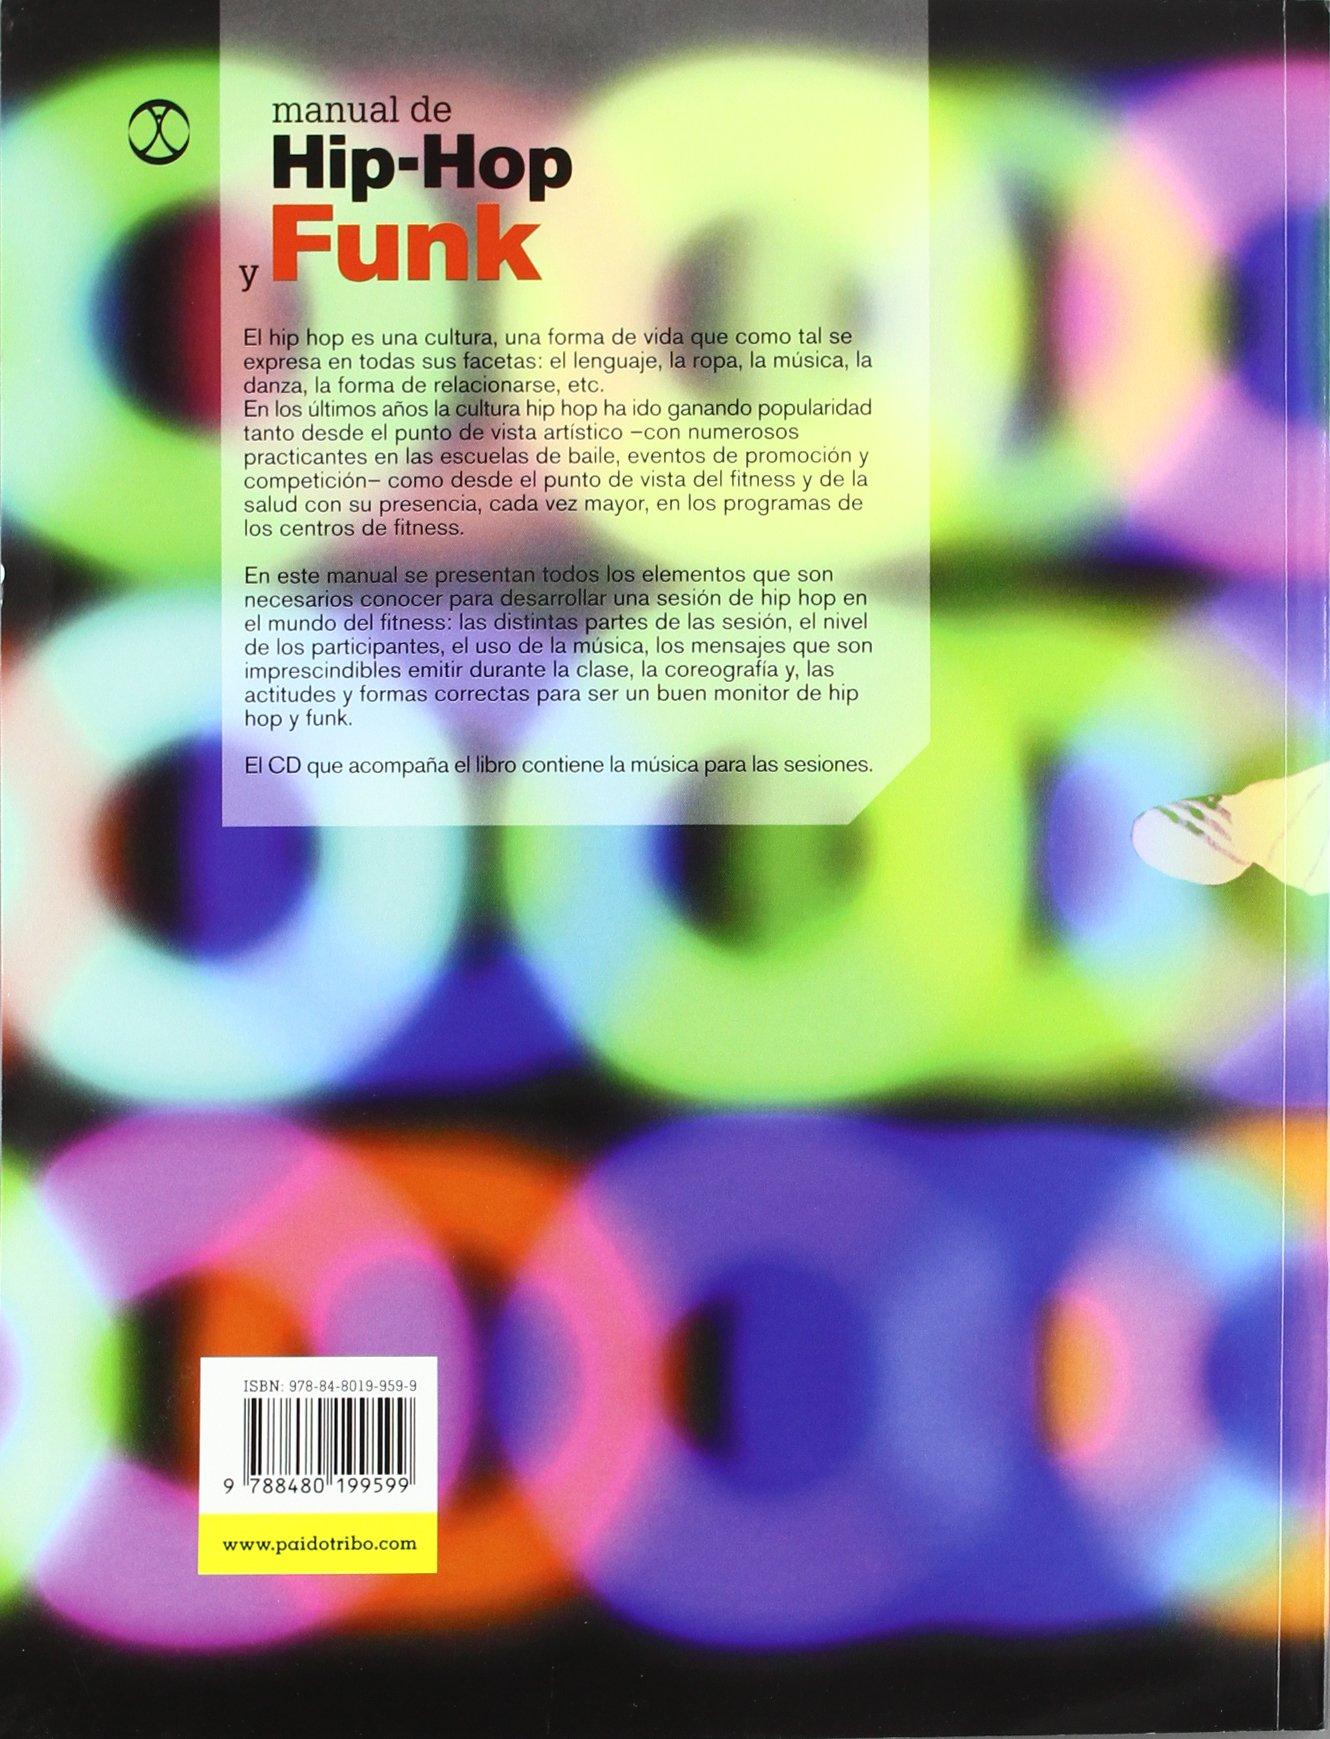 Manual de hip-hop y funk libro y cd (Fitness/Aerobic) (Spanish Edition): Eva Marco: 9788480199599: Amazon.com: Books